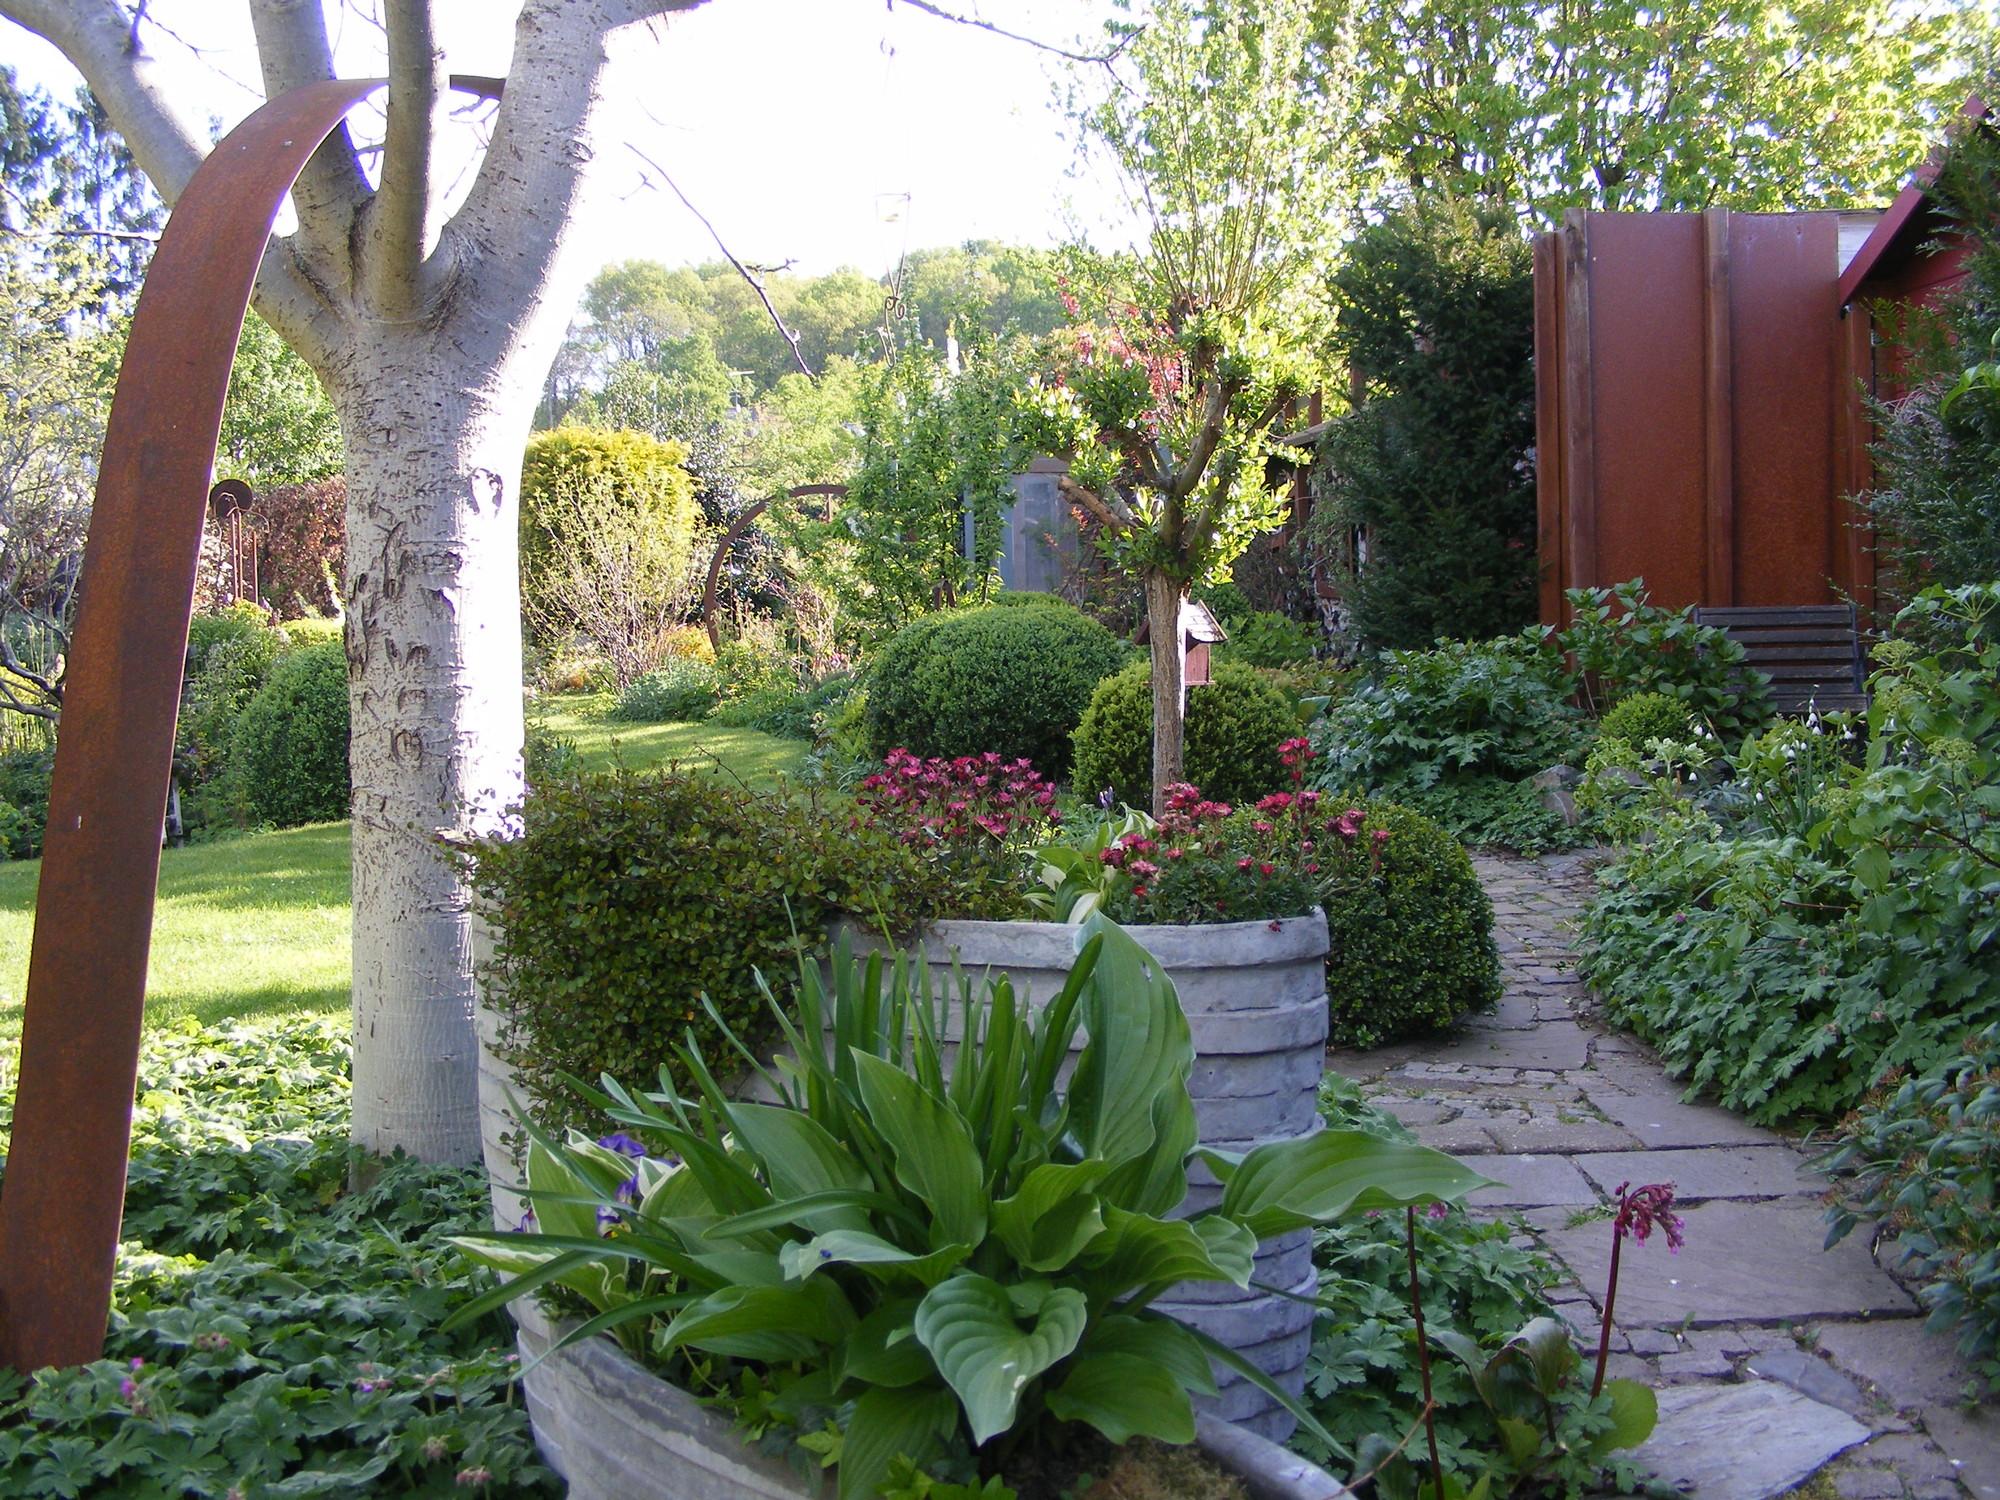 Gartengestaltung und planung gartenwerk - Gartengestaltung app ...